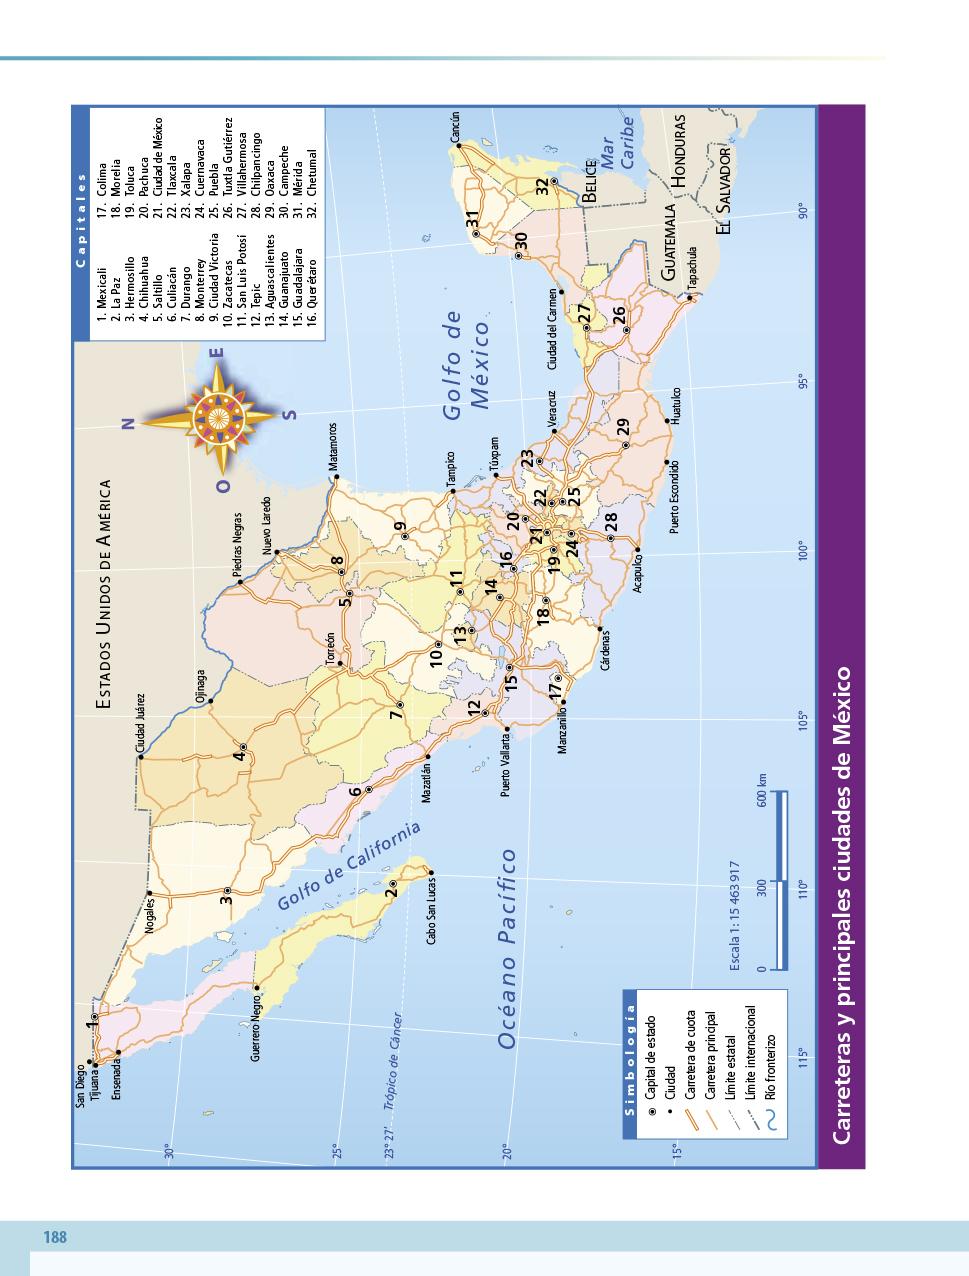 geografia_cuarto_p188.png